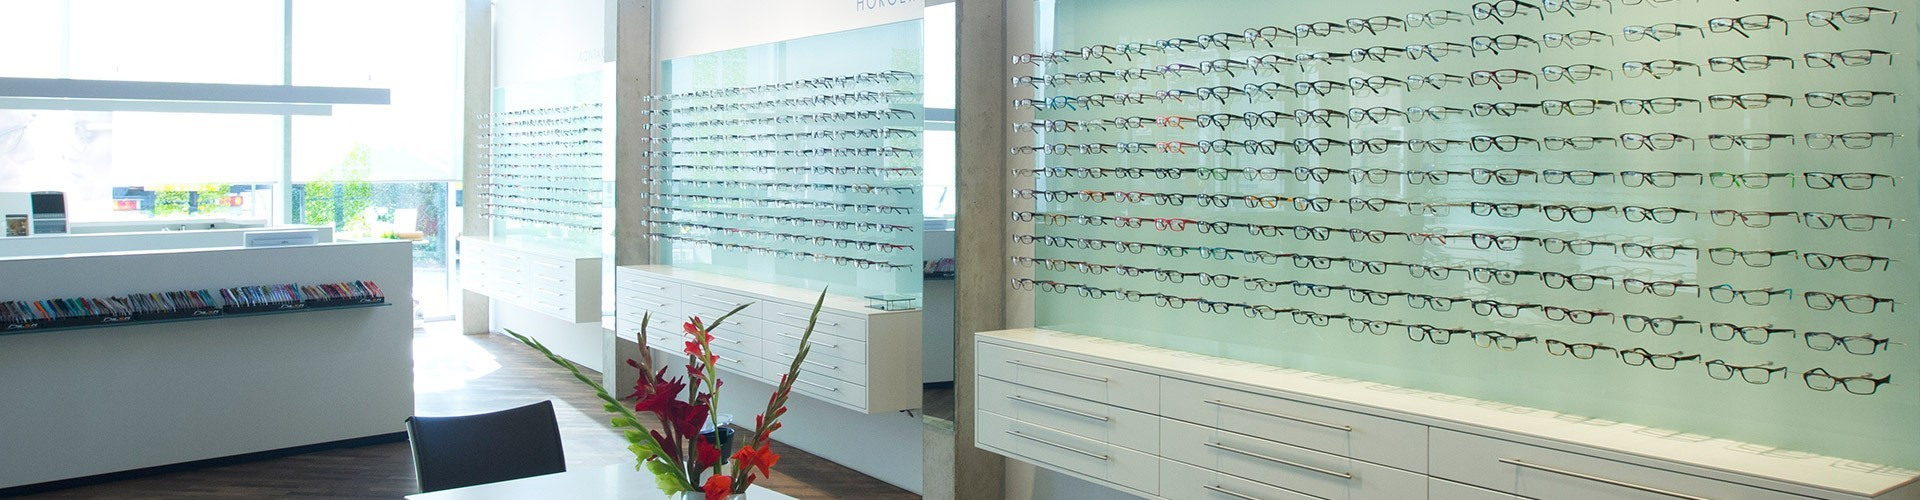 Augenoptik & Hörgeräte Mahringer